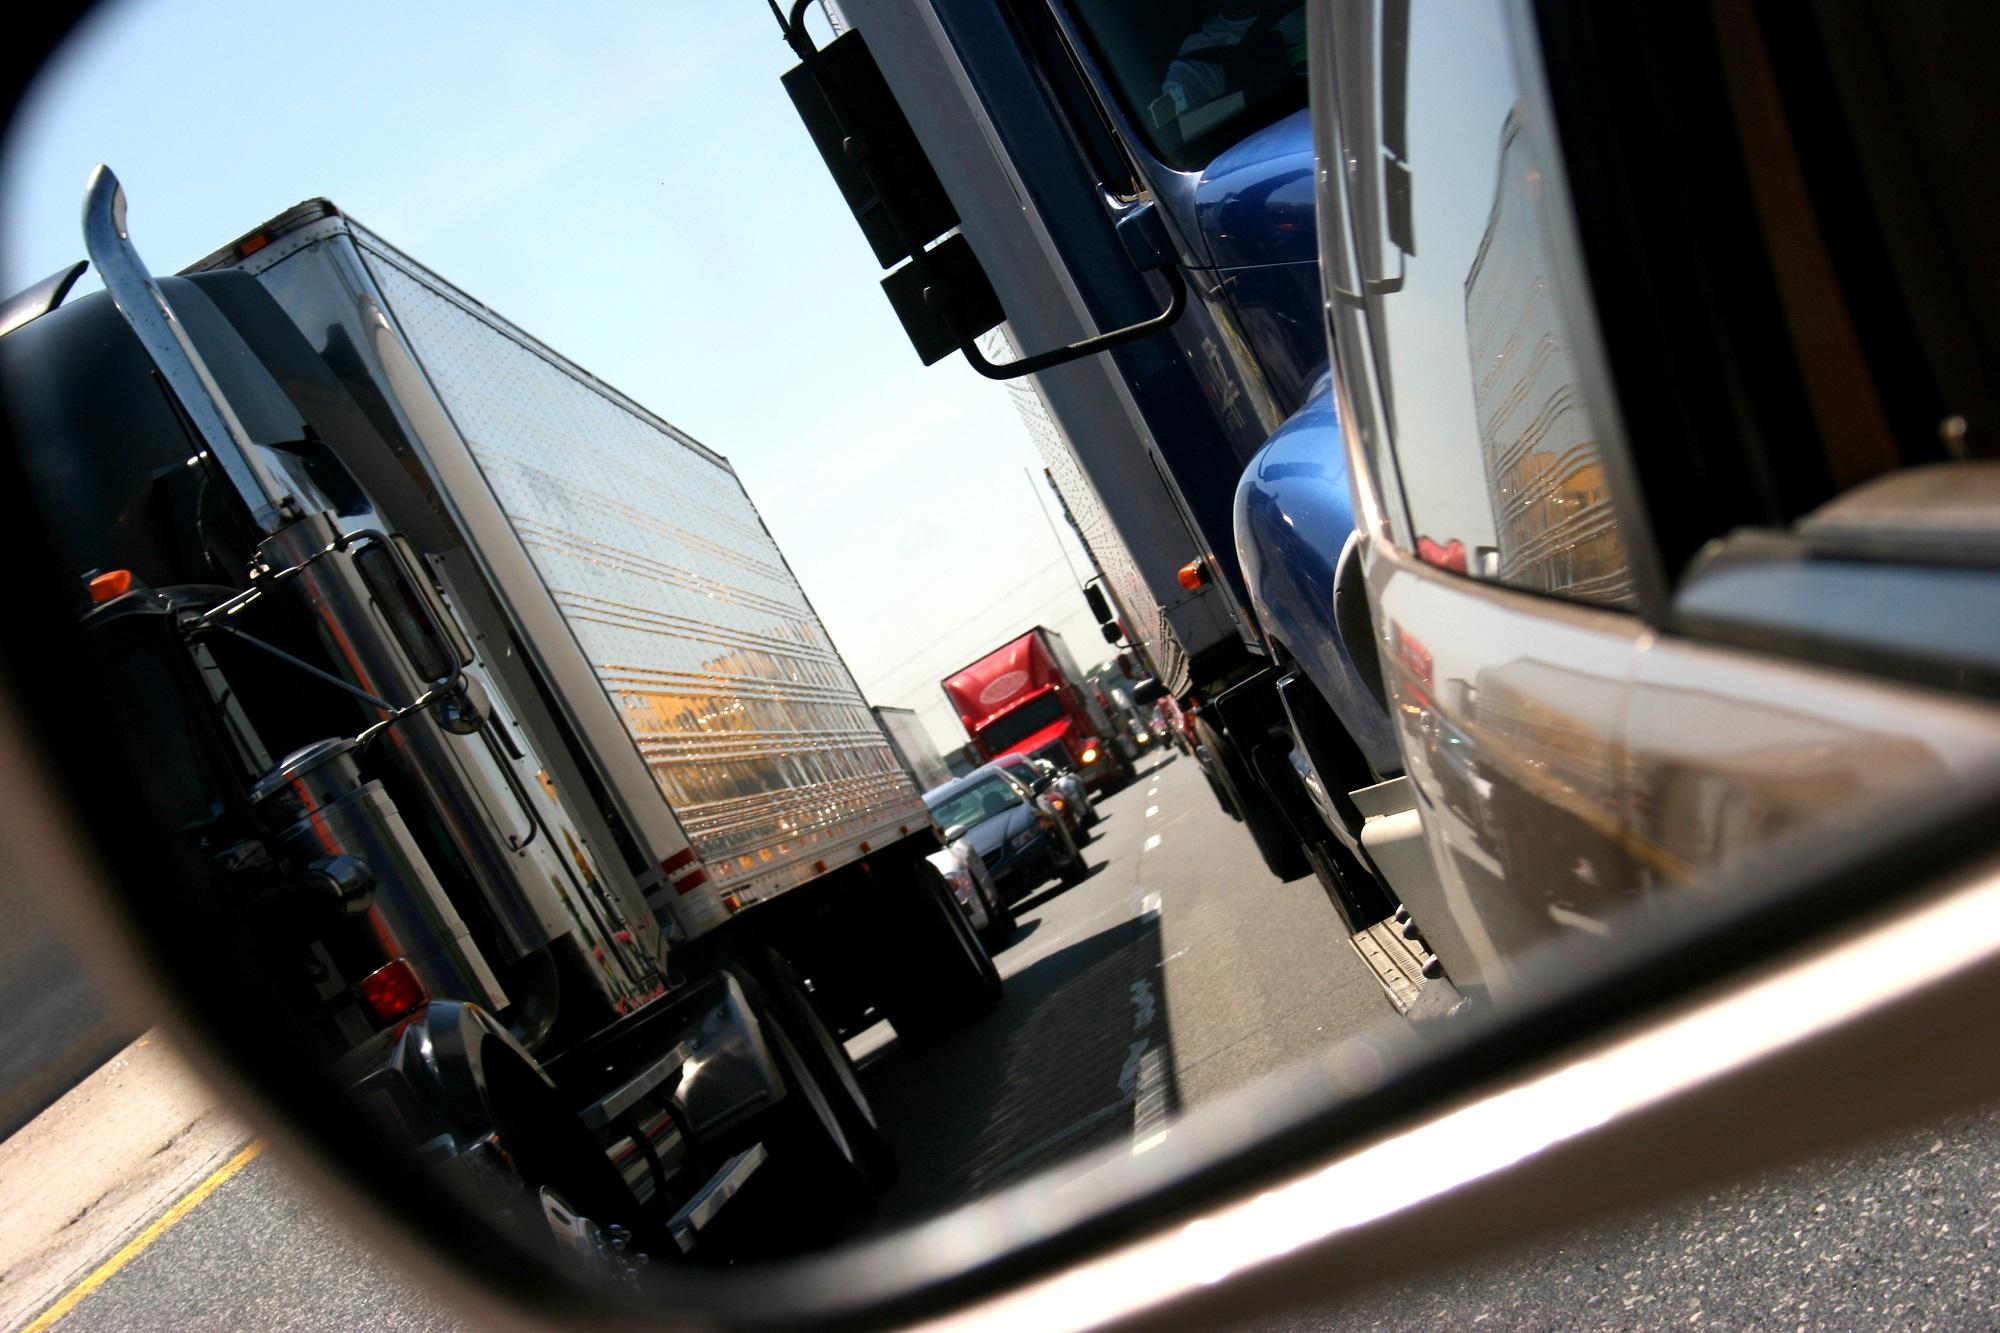 Ympäristö kärsii liikenteen kasvusta